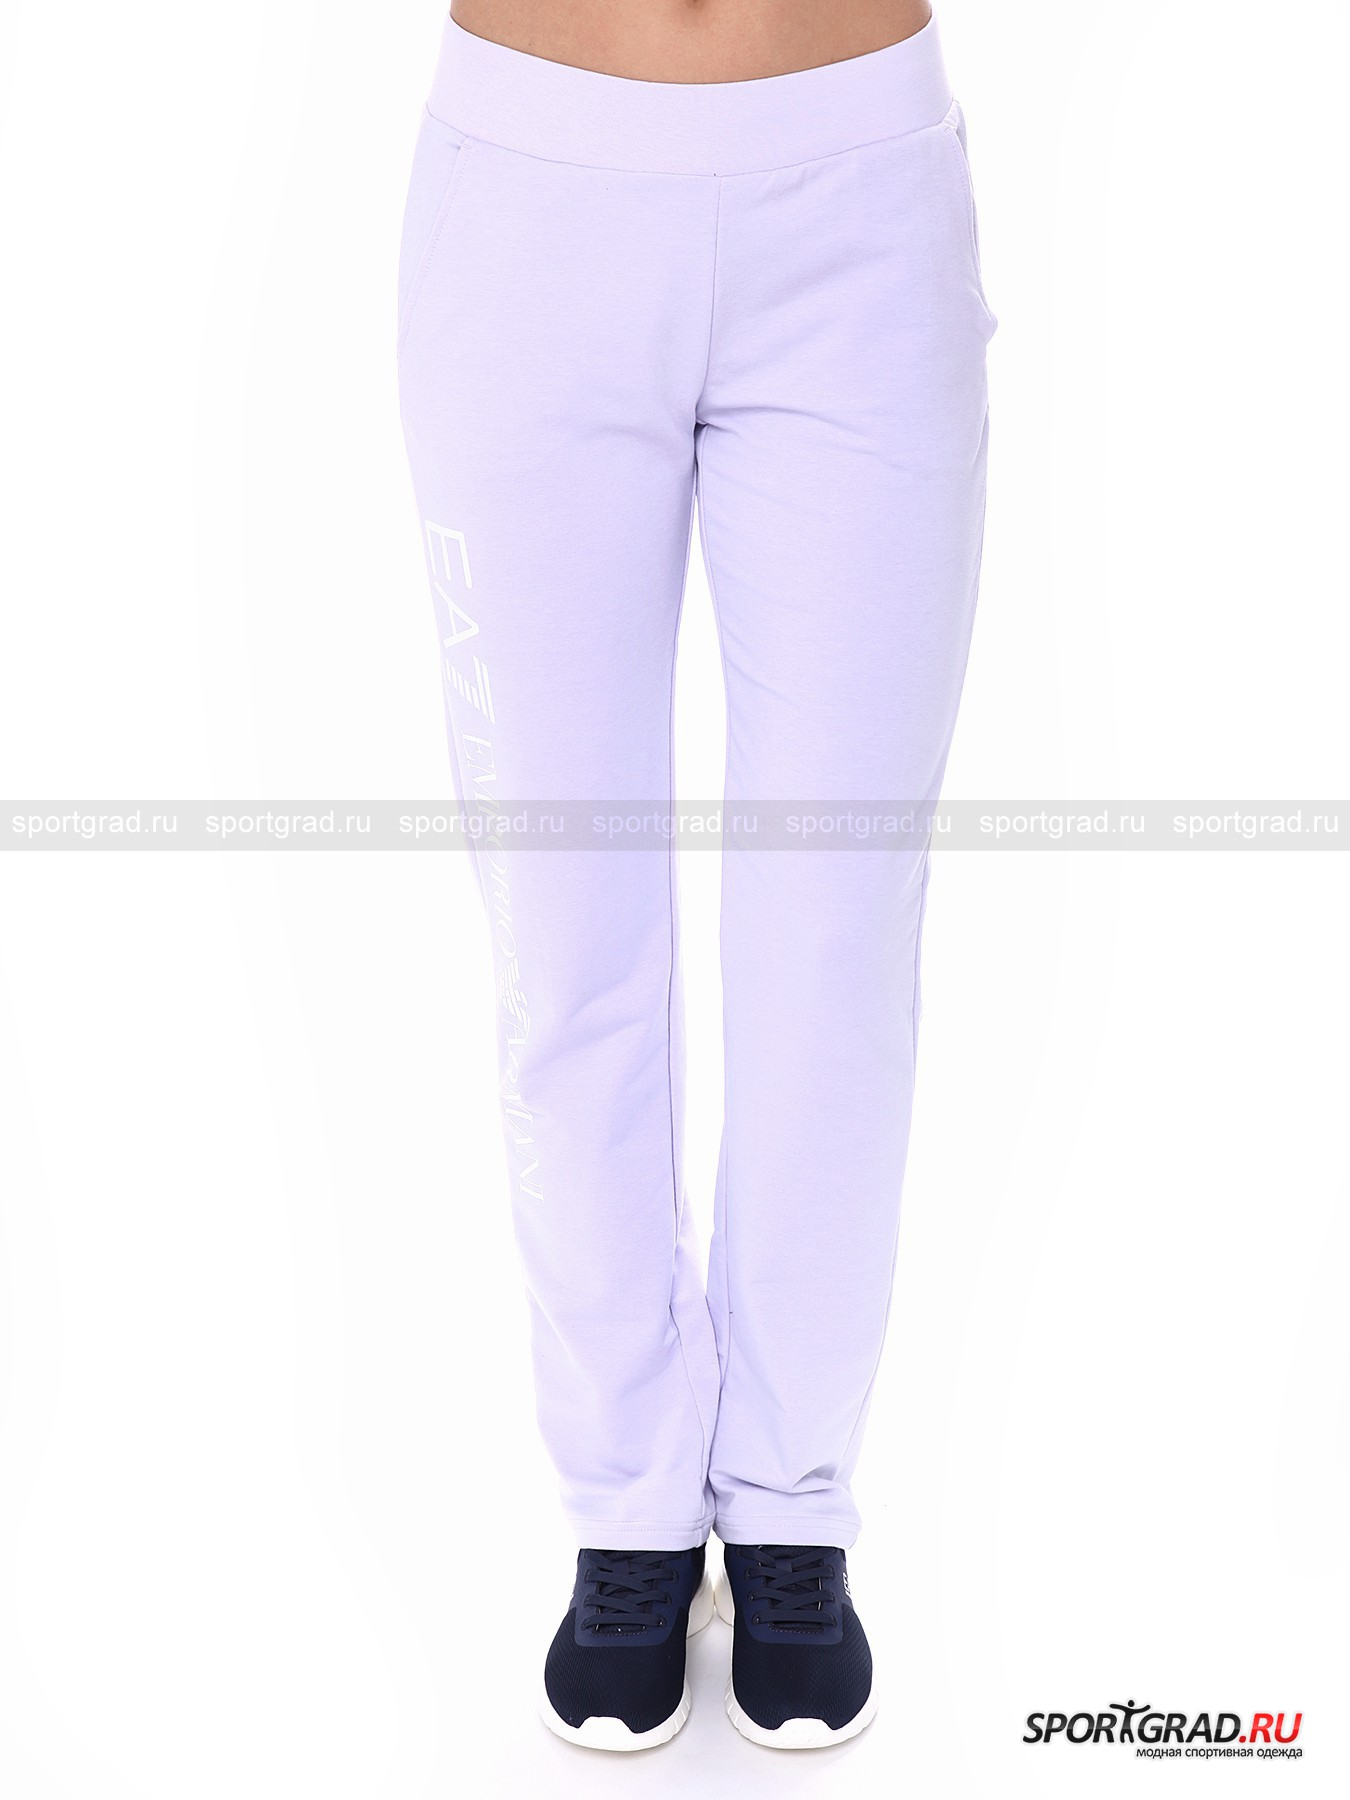 Брюки женские Train Graph Series Pants EA7 Emporio ArmaniБрюки<br>Великолепные брюки Train Graph Series Pants пригодятся и для тренировок, и для повседневной жизни. Они фантастически удобны за счет пояса на резинке, продуманного кроя и мягчайшего эластичного материала. Брюки однотонные, лишь сбоку на штанине расположилась надпись EA7 Emporio Armani, а у пояса – фирменный логотип. Также здесь имеются два кармана.<br><br>Пол: Женский<br>Возраст: Взрослый<br>Тип: Брюки<br>Рекомендации по уходу: стирка в теплой воде до 30 С; не отбеливать; гладить слегка нагретым утюгом (температура до 110 C); химчистка запрещена; нельзя сушить в стиральной машине<br>Состав: 65% хлопок, 30% полиэстер, 5% эластан